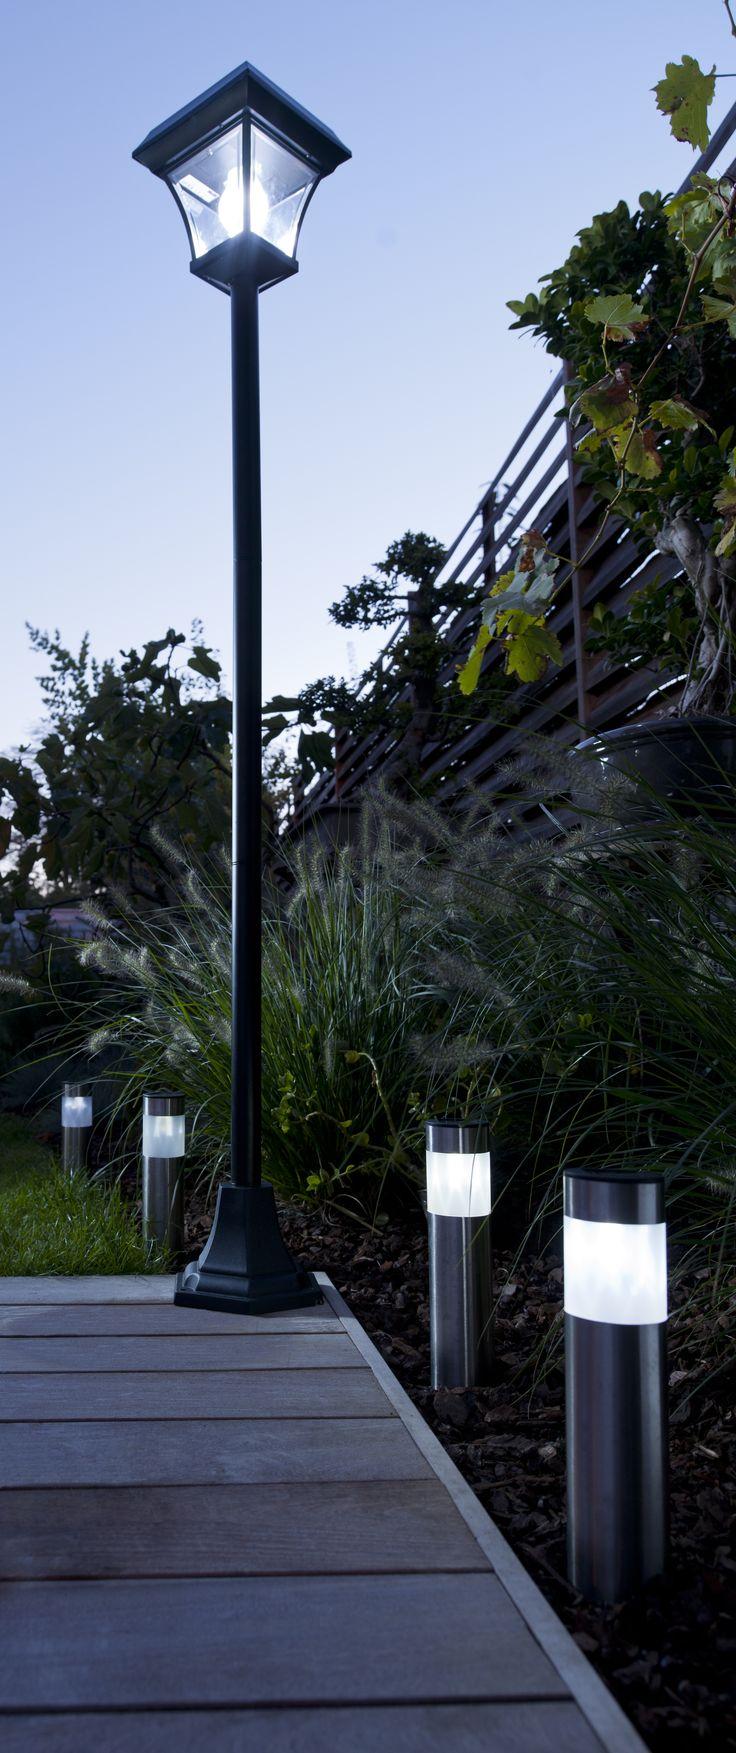 Les 25 meilleures id es de la cat gorie lampadaire exterieur sur pinterest lampadaires - Outdoor leunstoel castorama ...